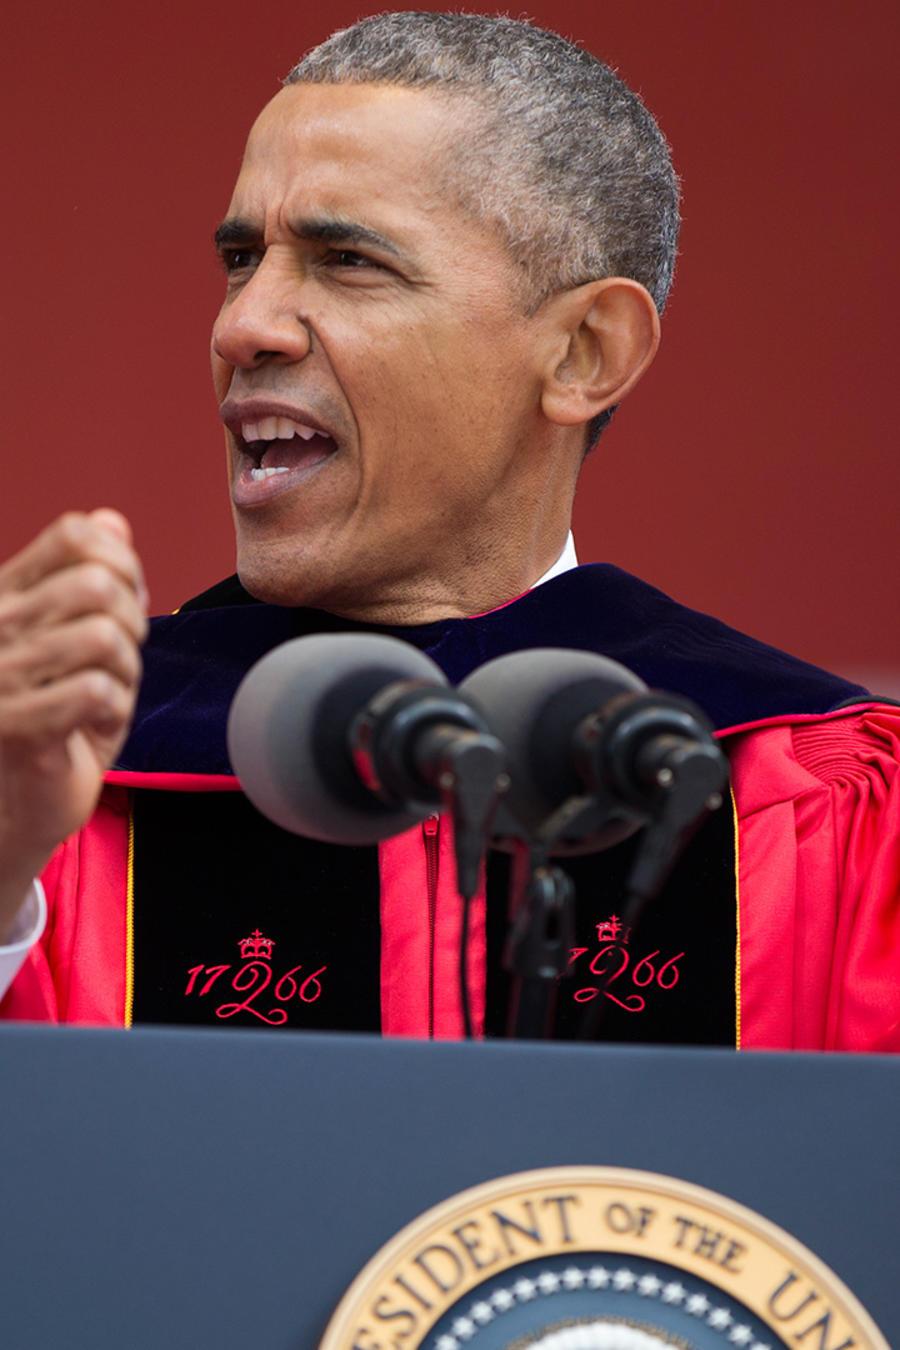 El presidente Obama durante la ceremonia de graduación en Rutgers University el domingo 15 de Mayo del 2016 en Piscataway, New Jersey